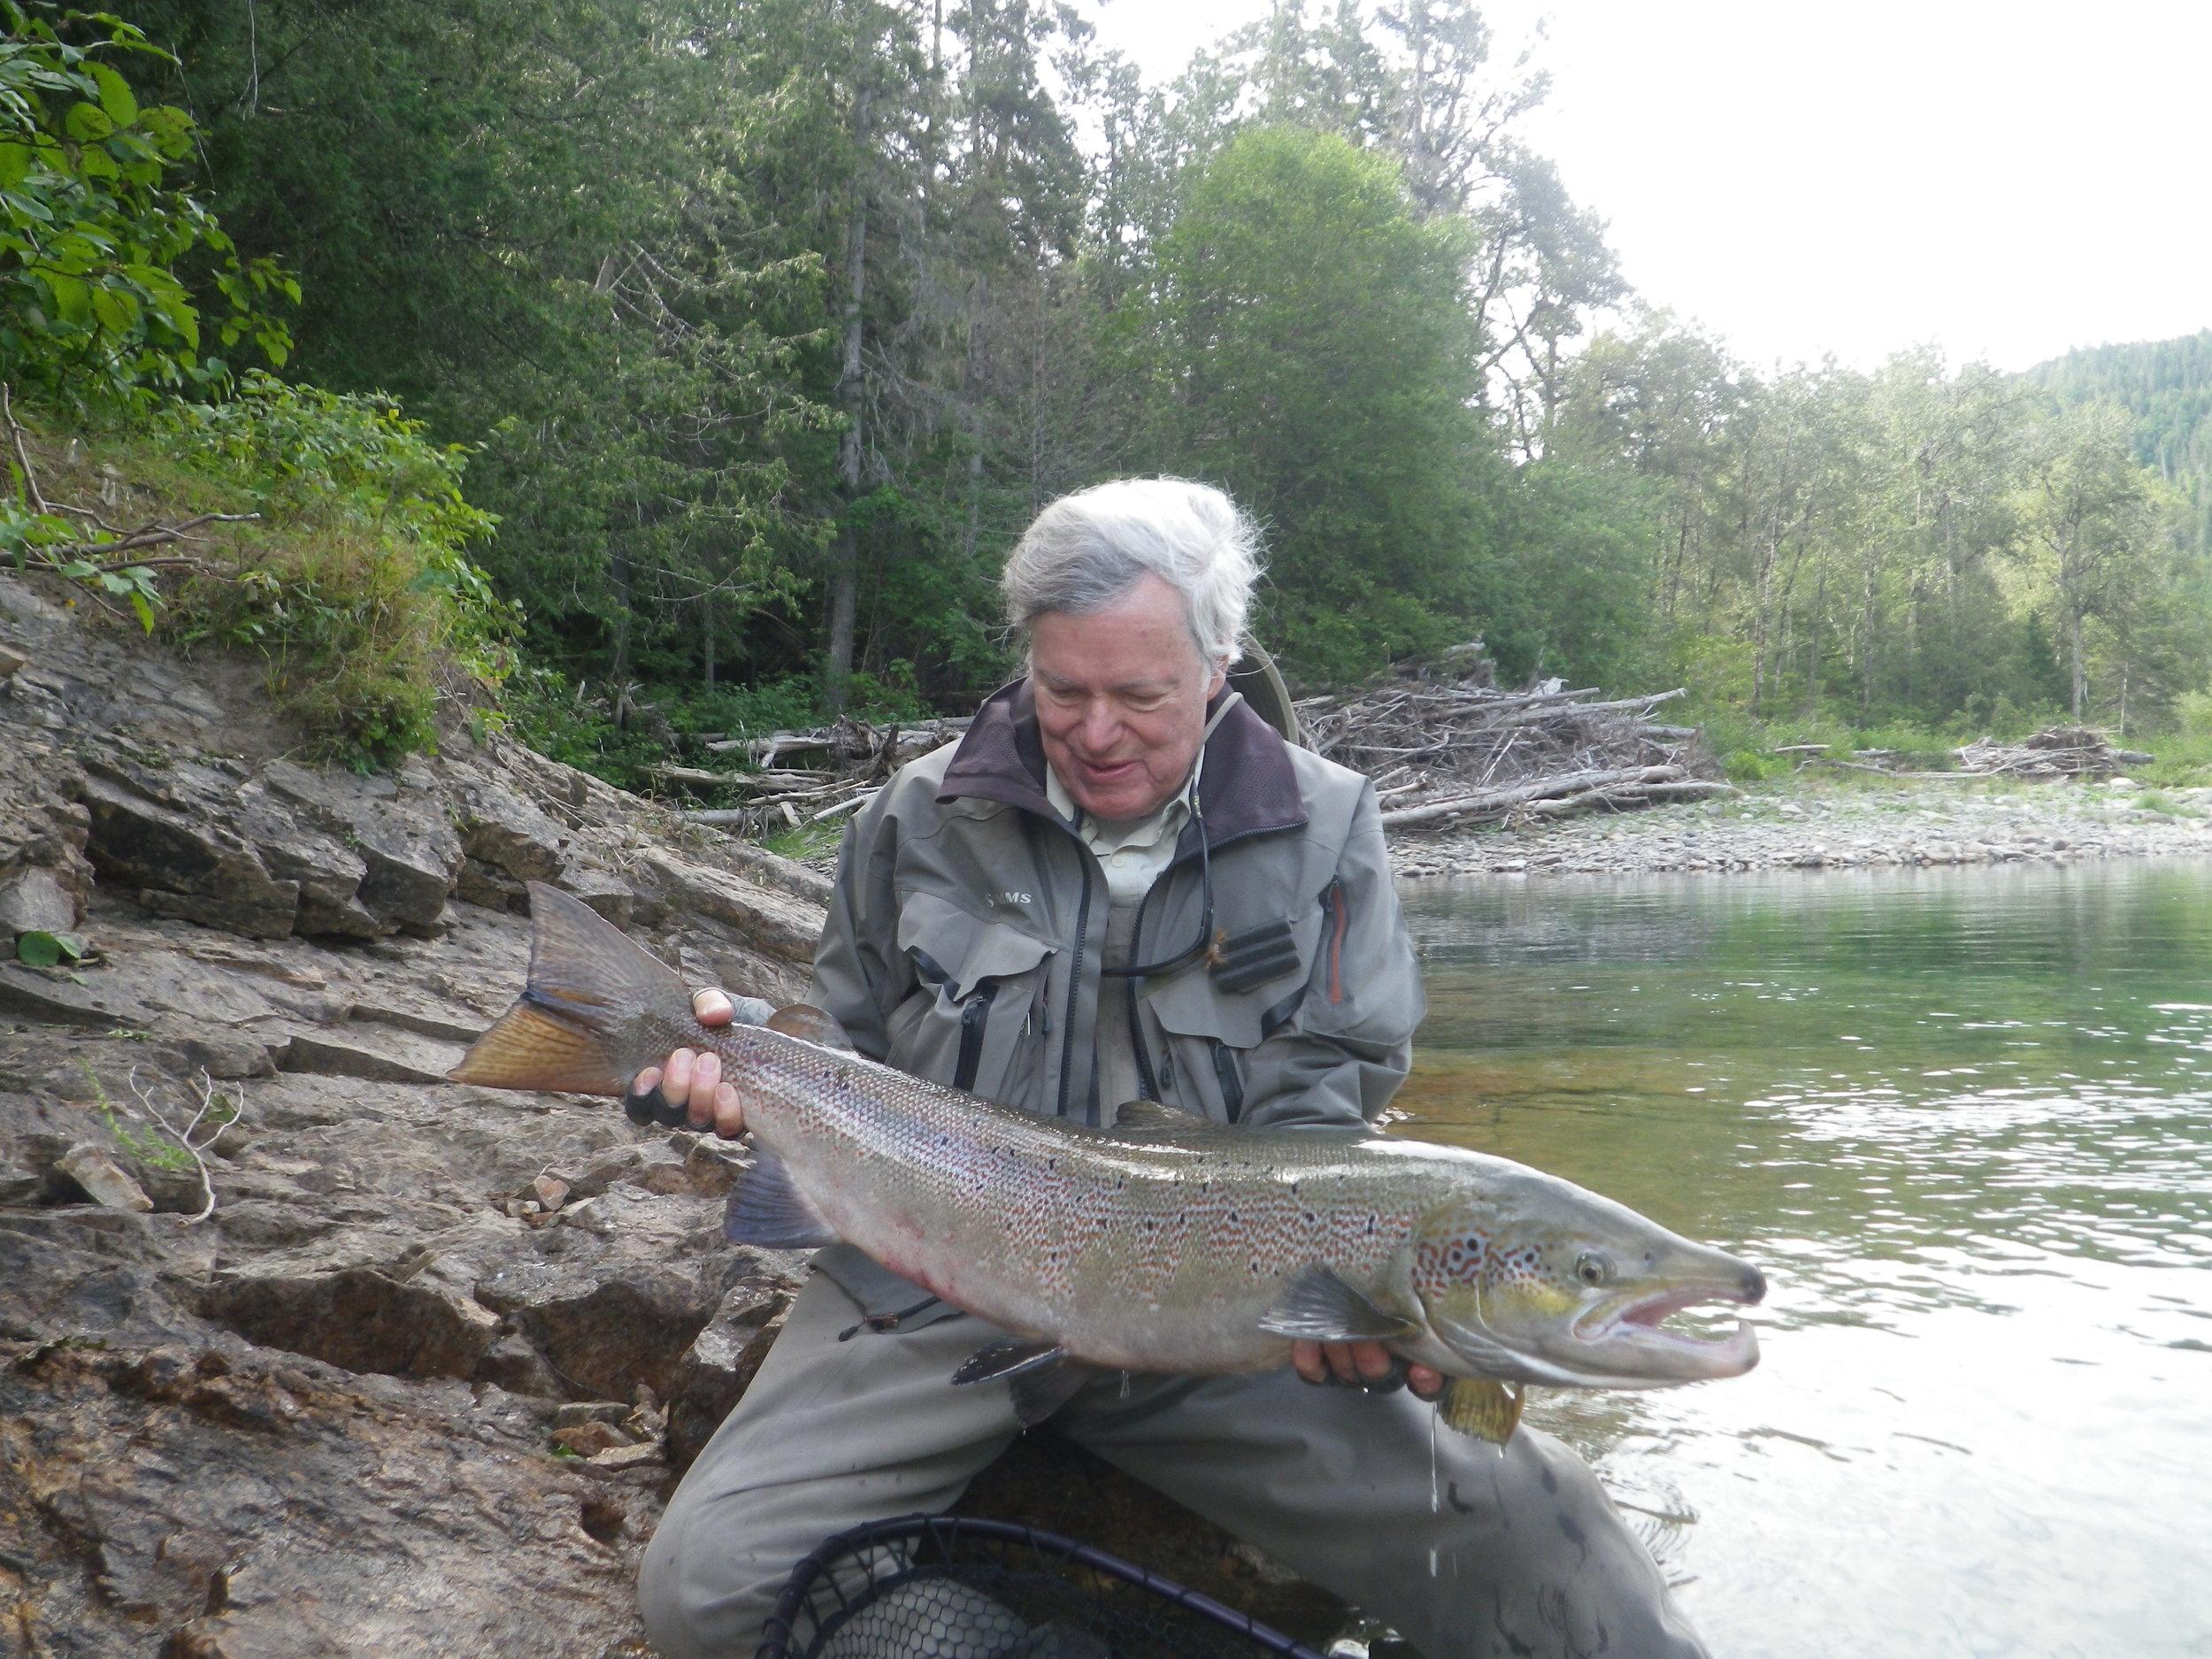 Wright Palmer est depuis nombre d'années un de nos charmants clients, tant au Camp Bonaventure qu'à Salmon Lodge. Wright prend le temps d'admirer sa superbe prise avant de la remettre dans la rivière Bonaventure!